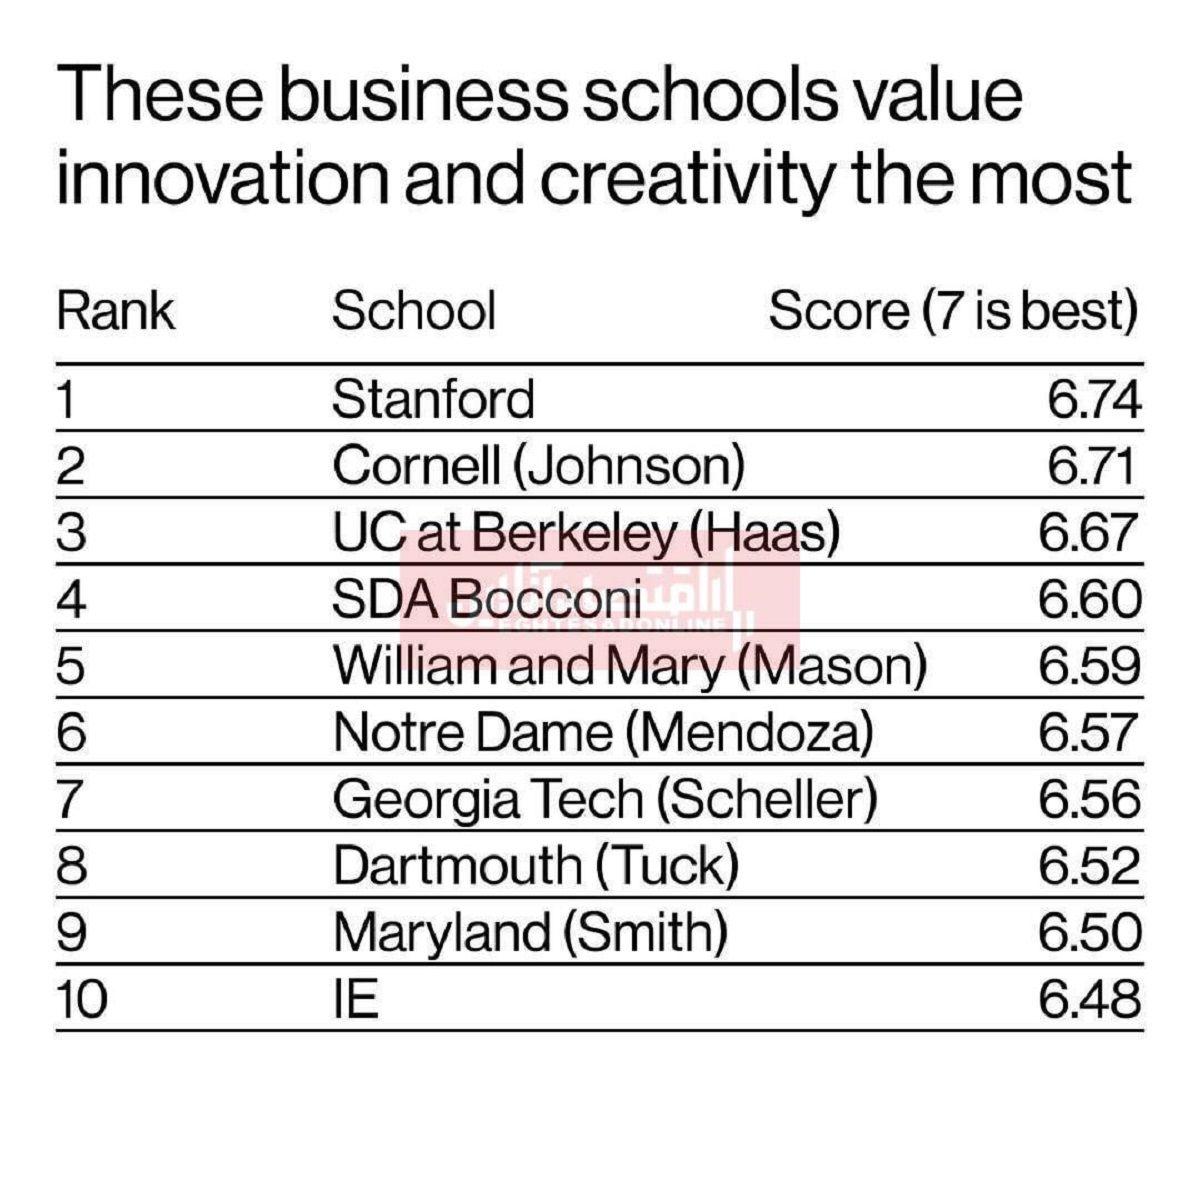 بهترین دانشکدههای کسب و کار جهان در روزهای کرونایی کدامند؟/ درخشش استنفورد در شاخصهای نوآوری و خلاقیت